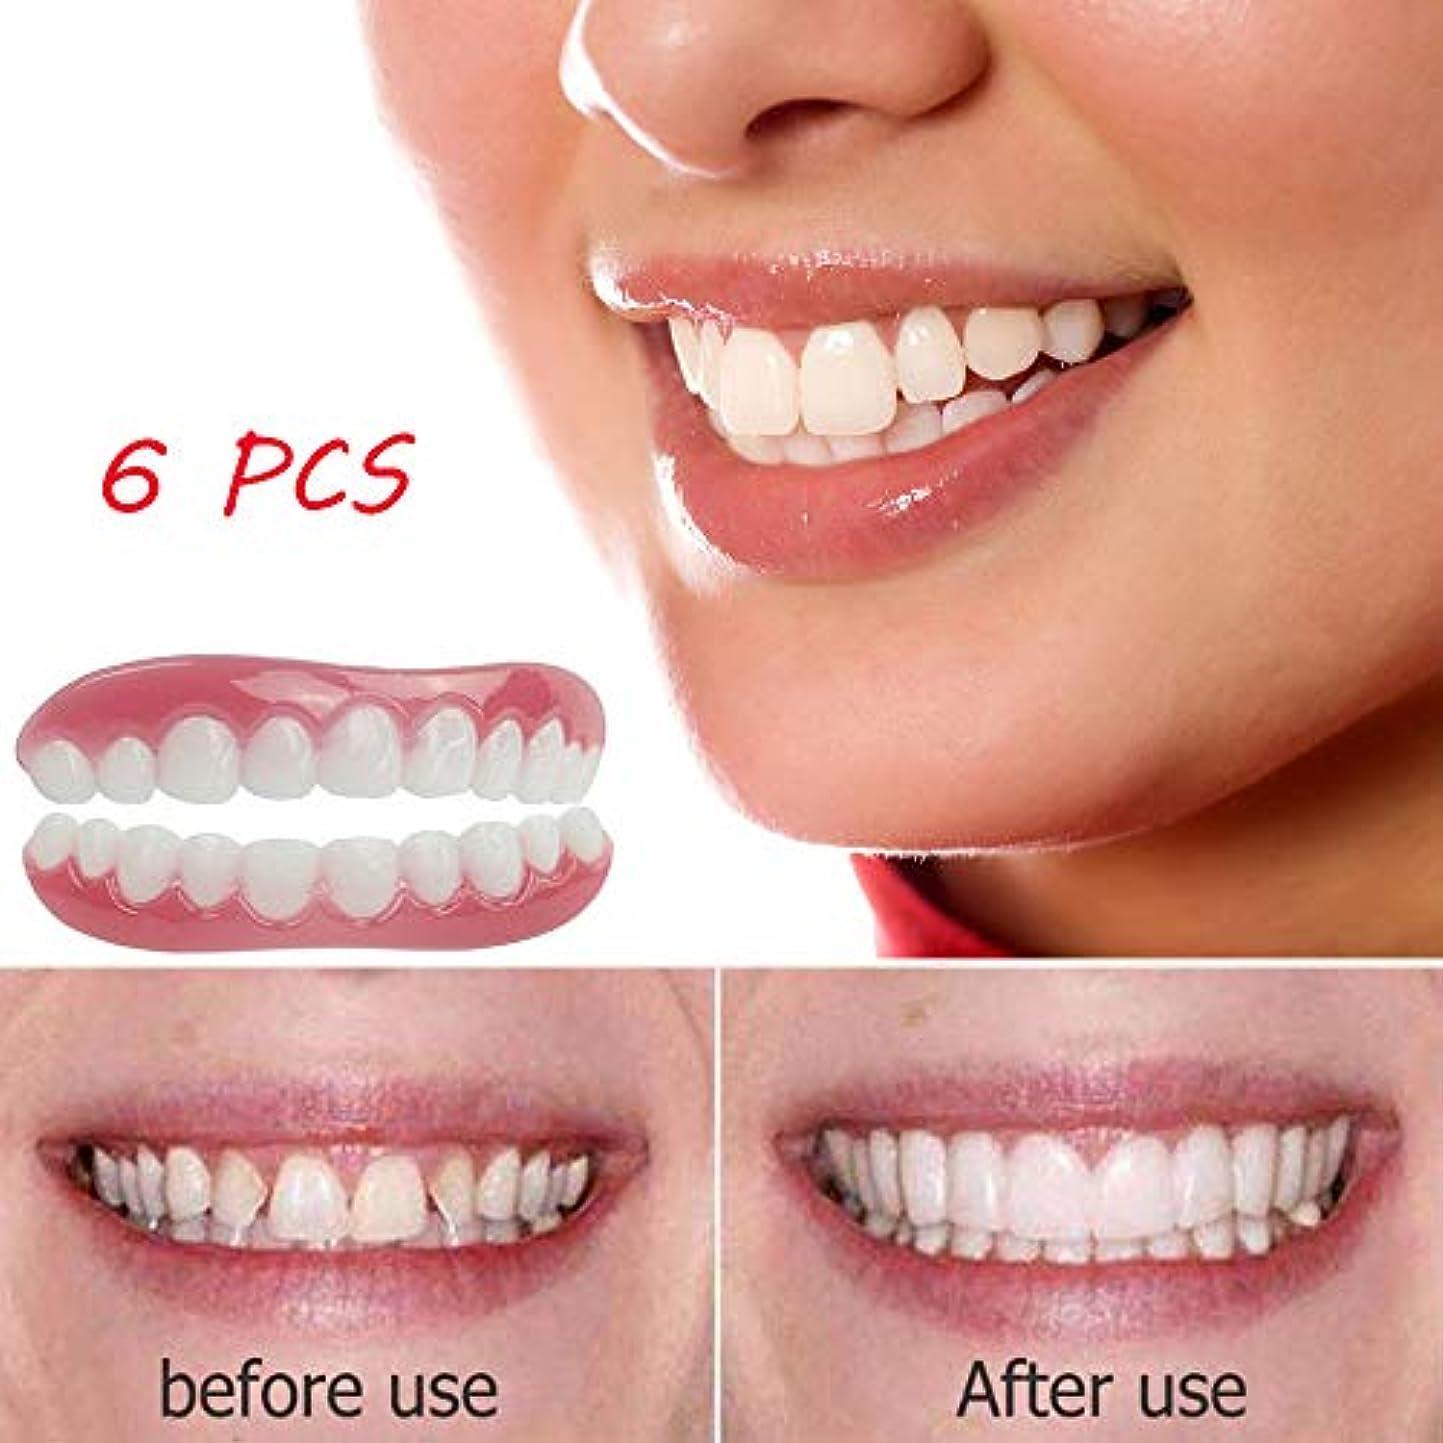 横思想快い完璧なインスタントスマイル6ピース快適さ上下の柔軟な歯ホワイトニング歯義歯義歯メイクアップデンタルカバー美容ツール